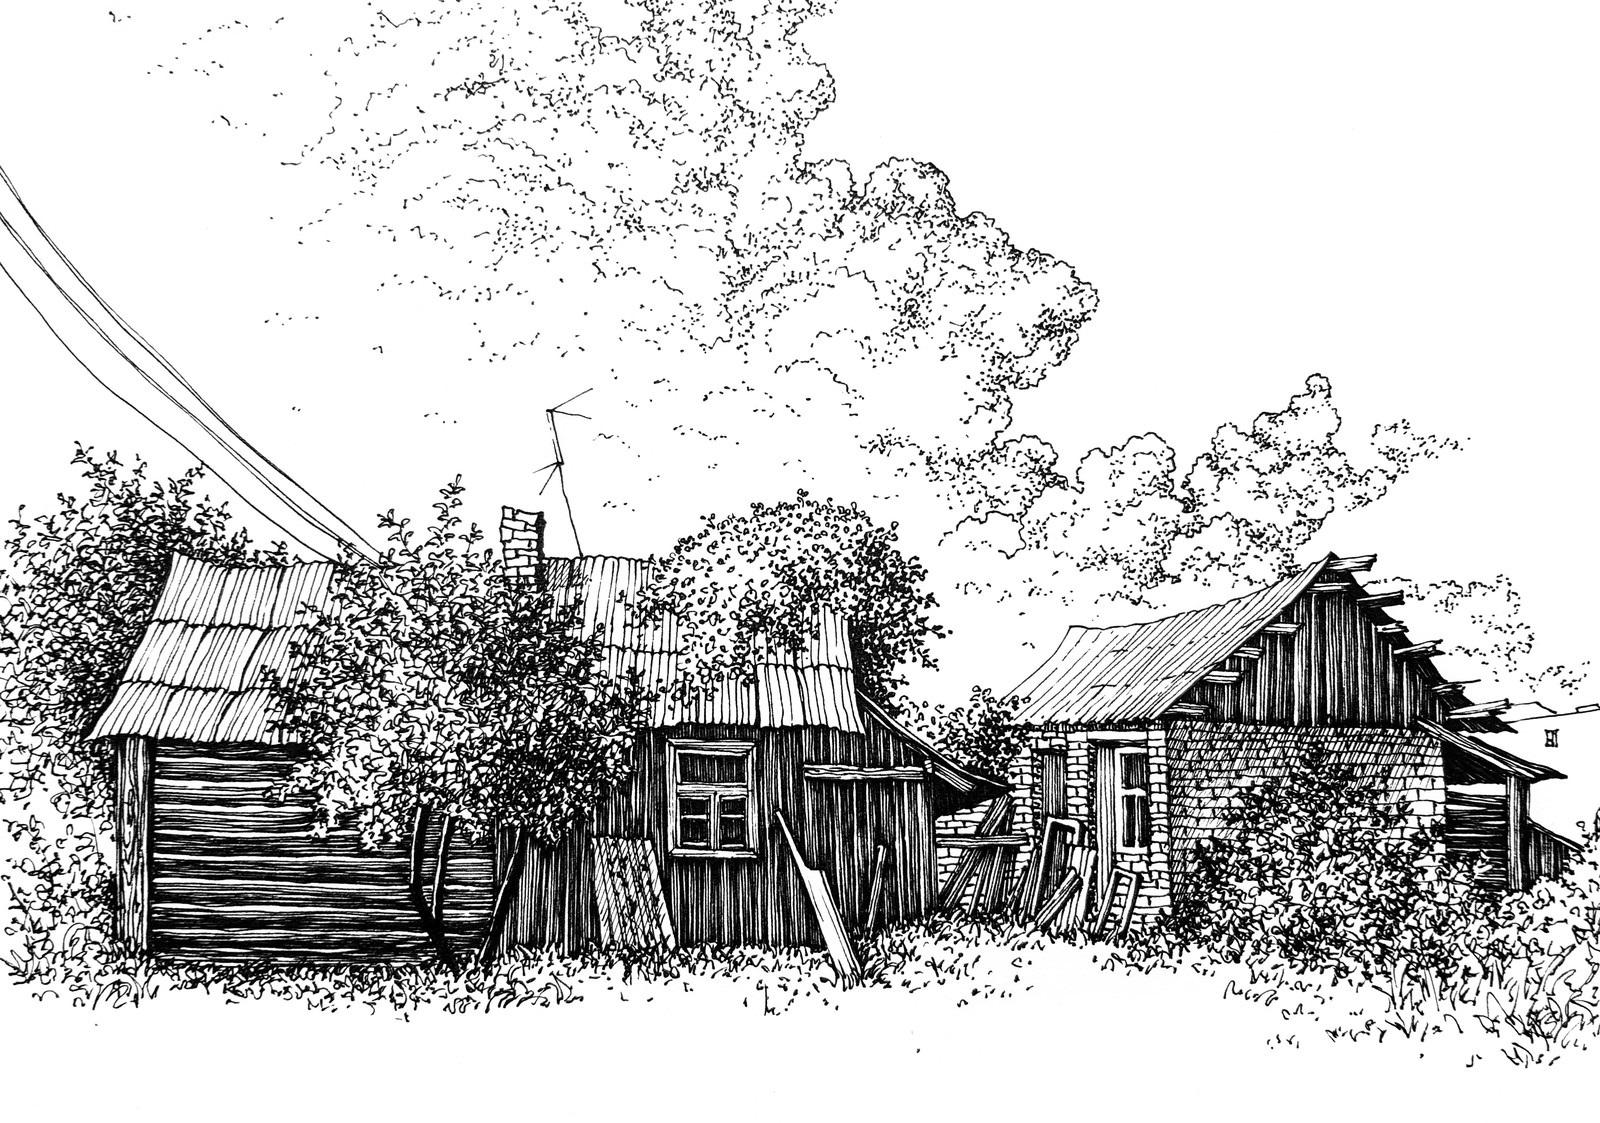 Рисунки карандашом, как я провел лето (20 фото)